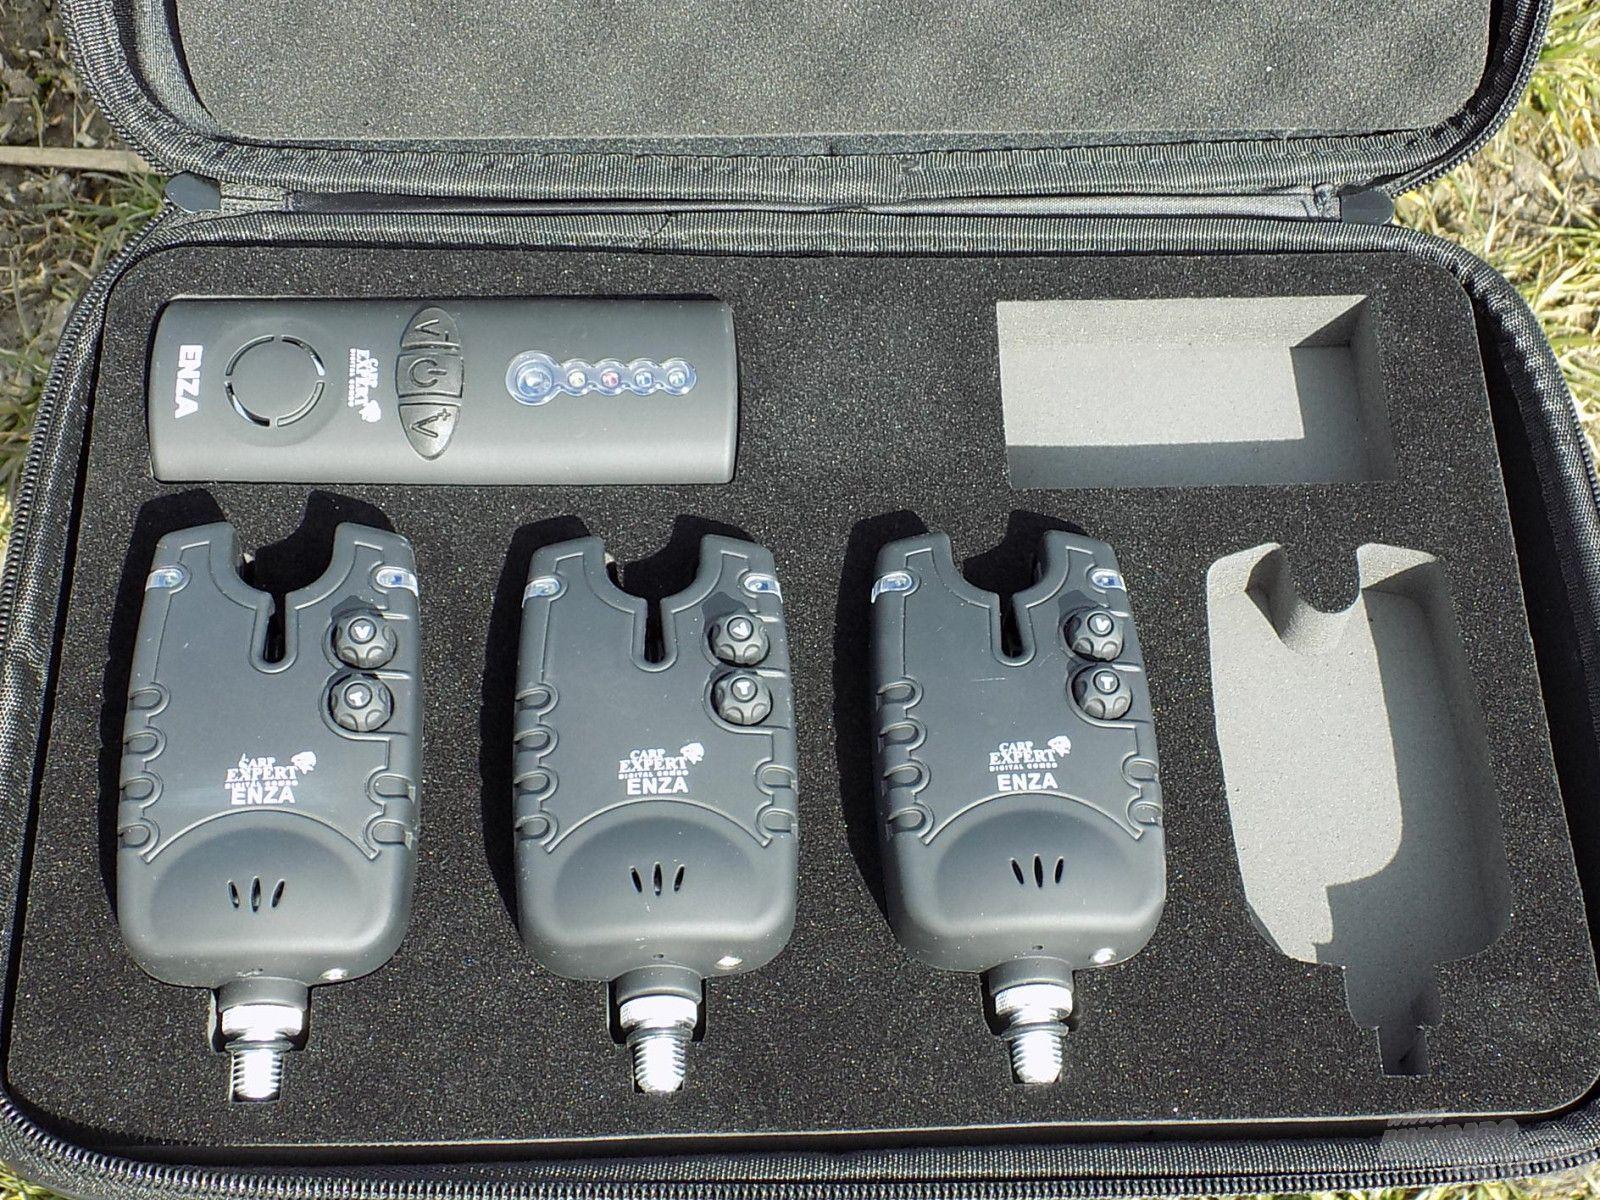 A tesztre a 3 + 1-es verziót vittem magammal, tehát 3 elektromos jelző és egy vevőegység lapult a kofferban